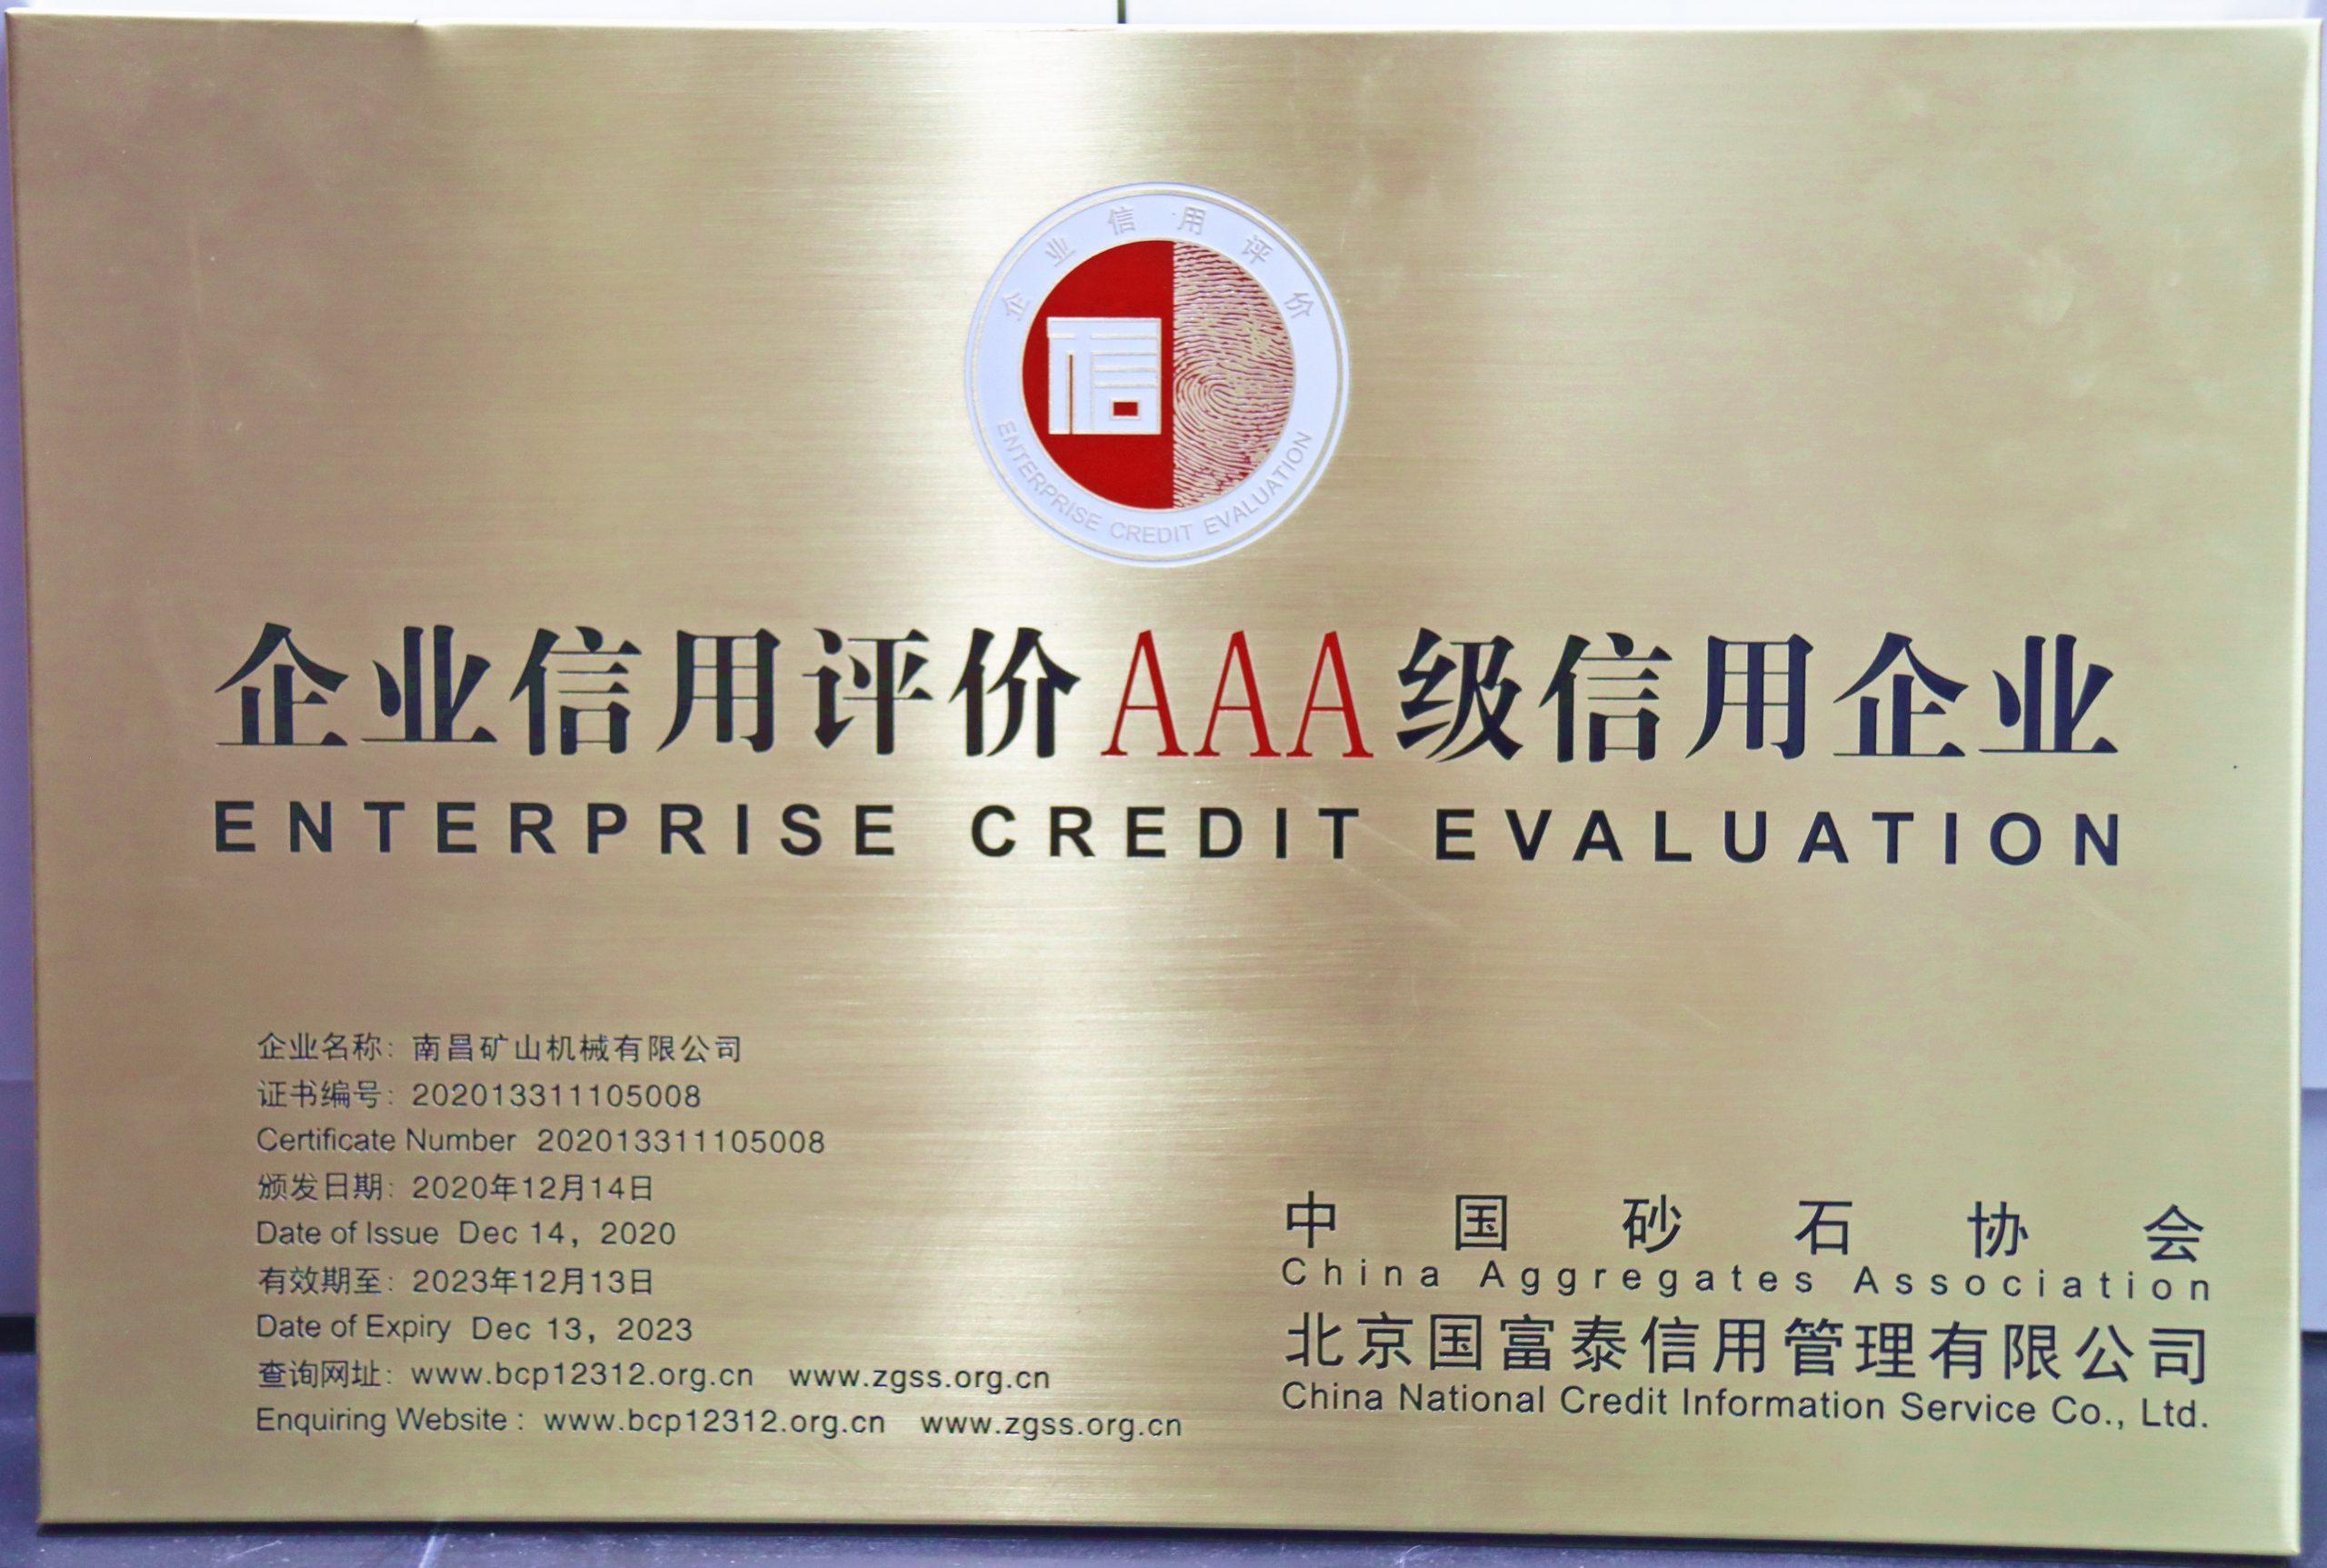 中国砂石协会企业信用评价AAA级信用企业